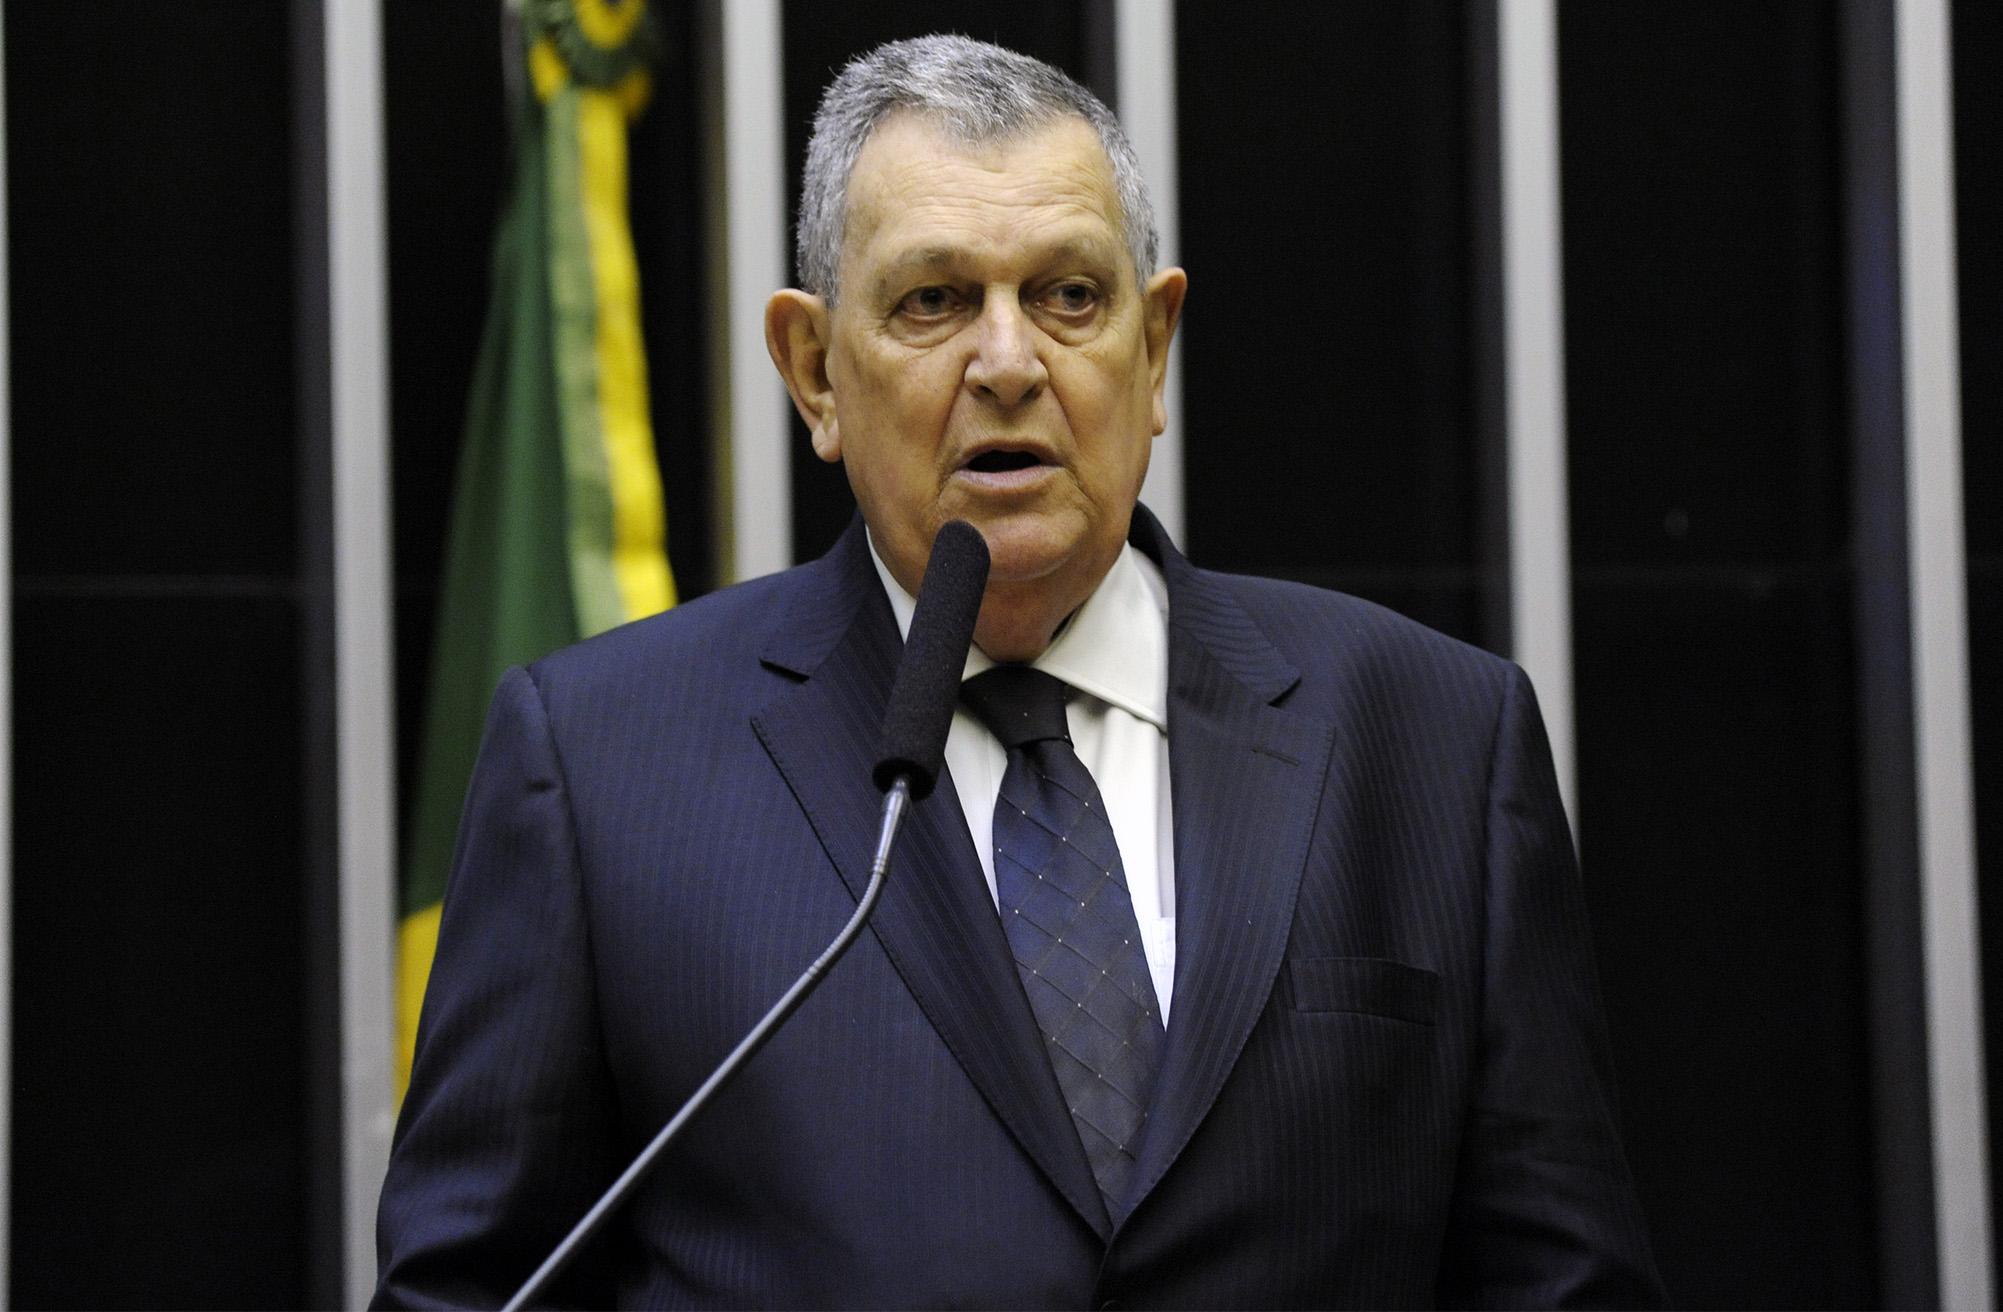 Ordem do dia para discussão e votação de diversos projetos. Dep. Arnaldo Faria de Sá (PP - SP)